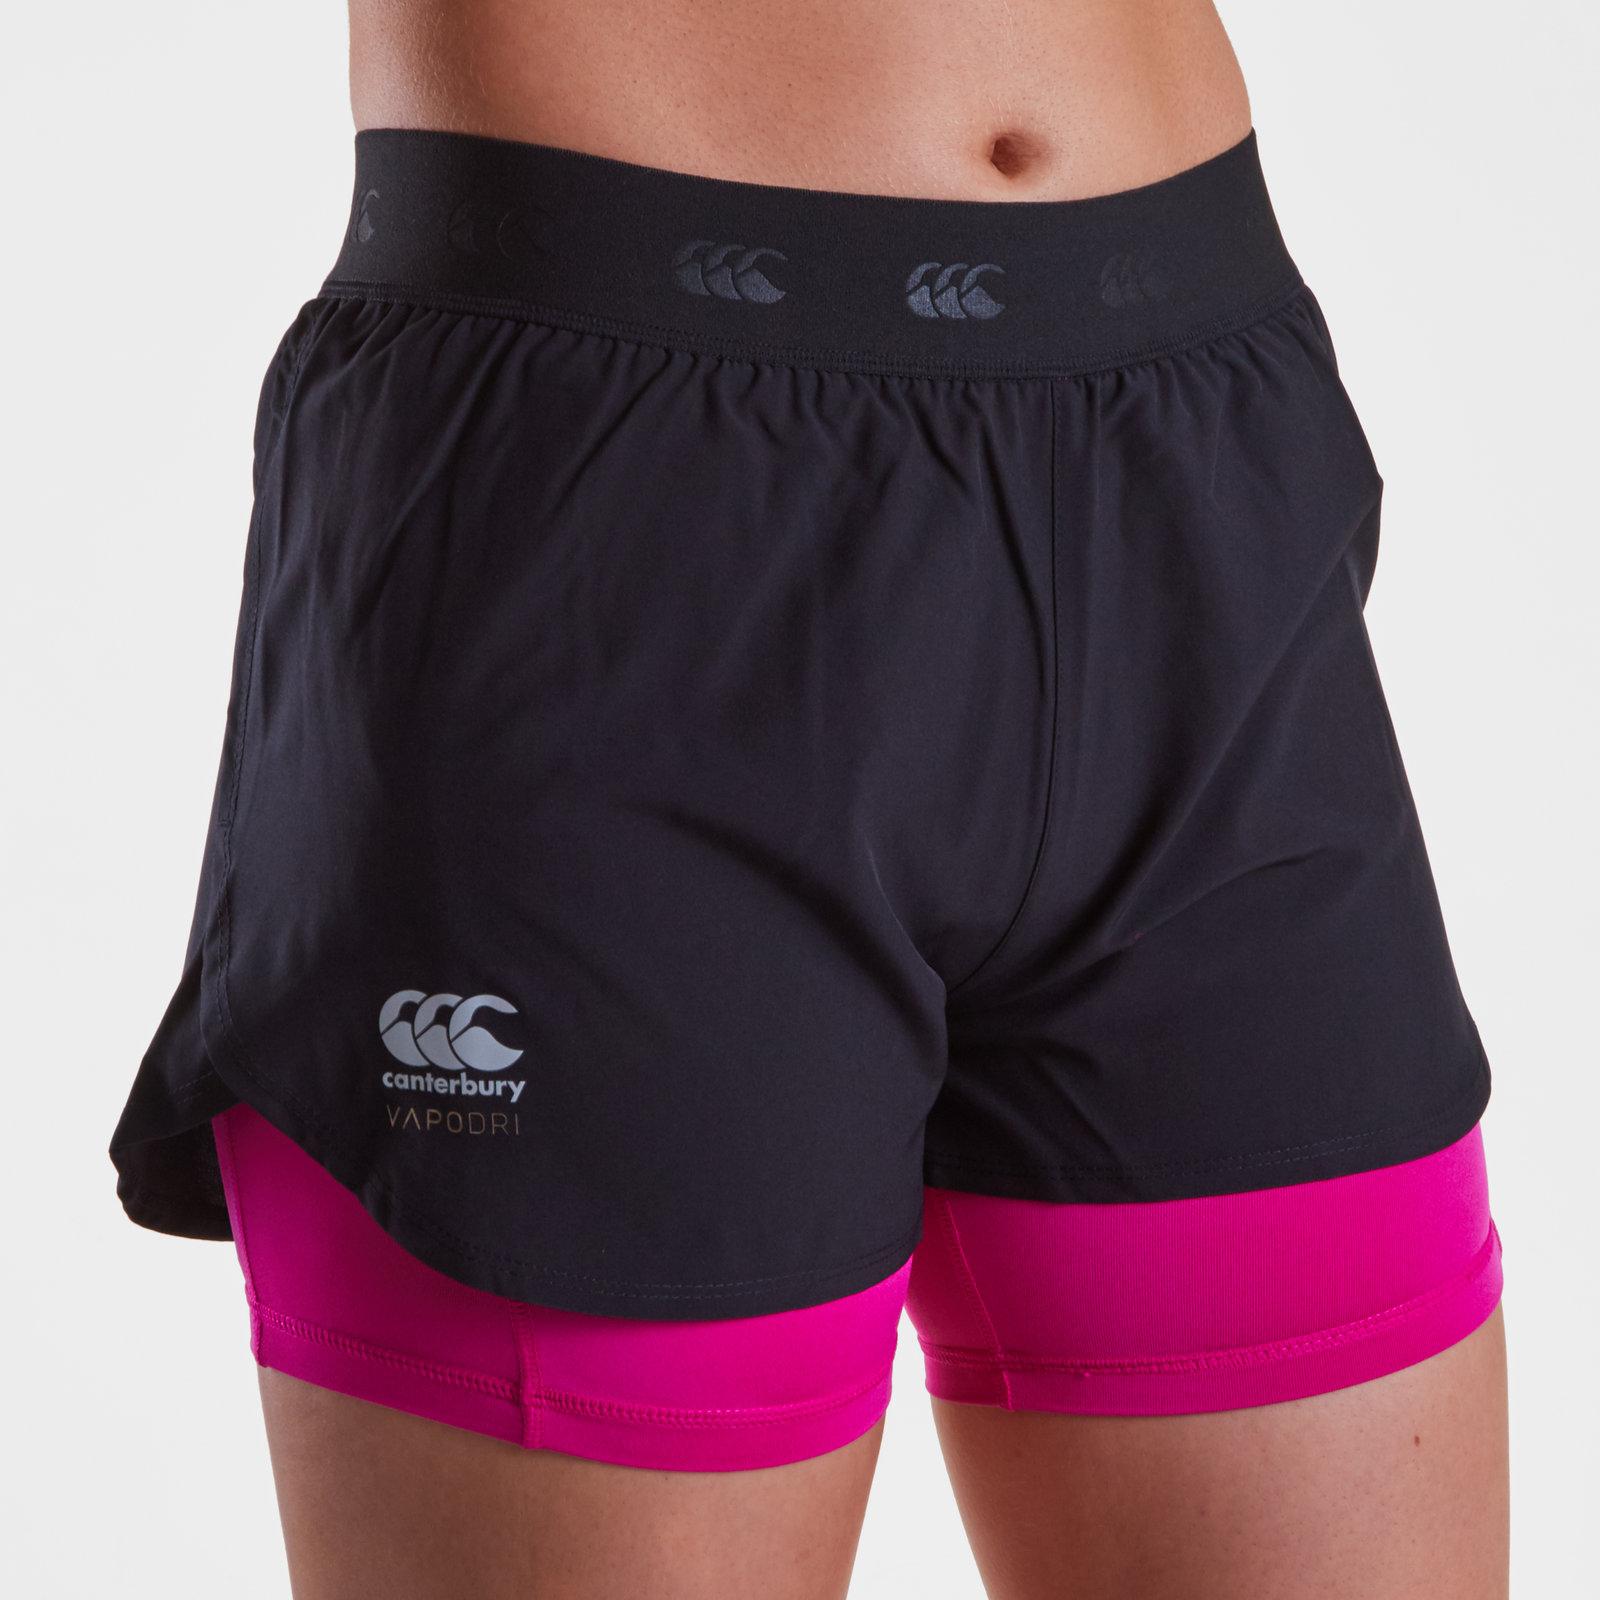 Vapodri 2 in 1 Ladies Training Shorts